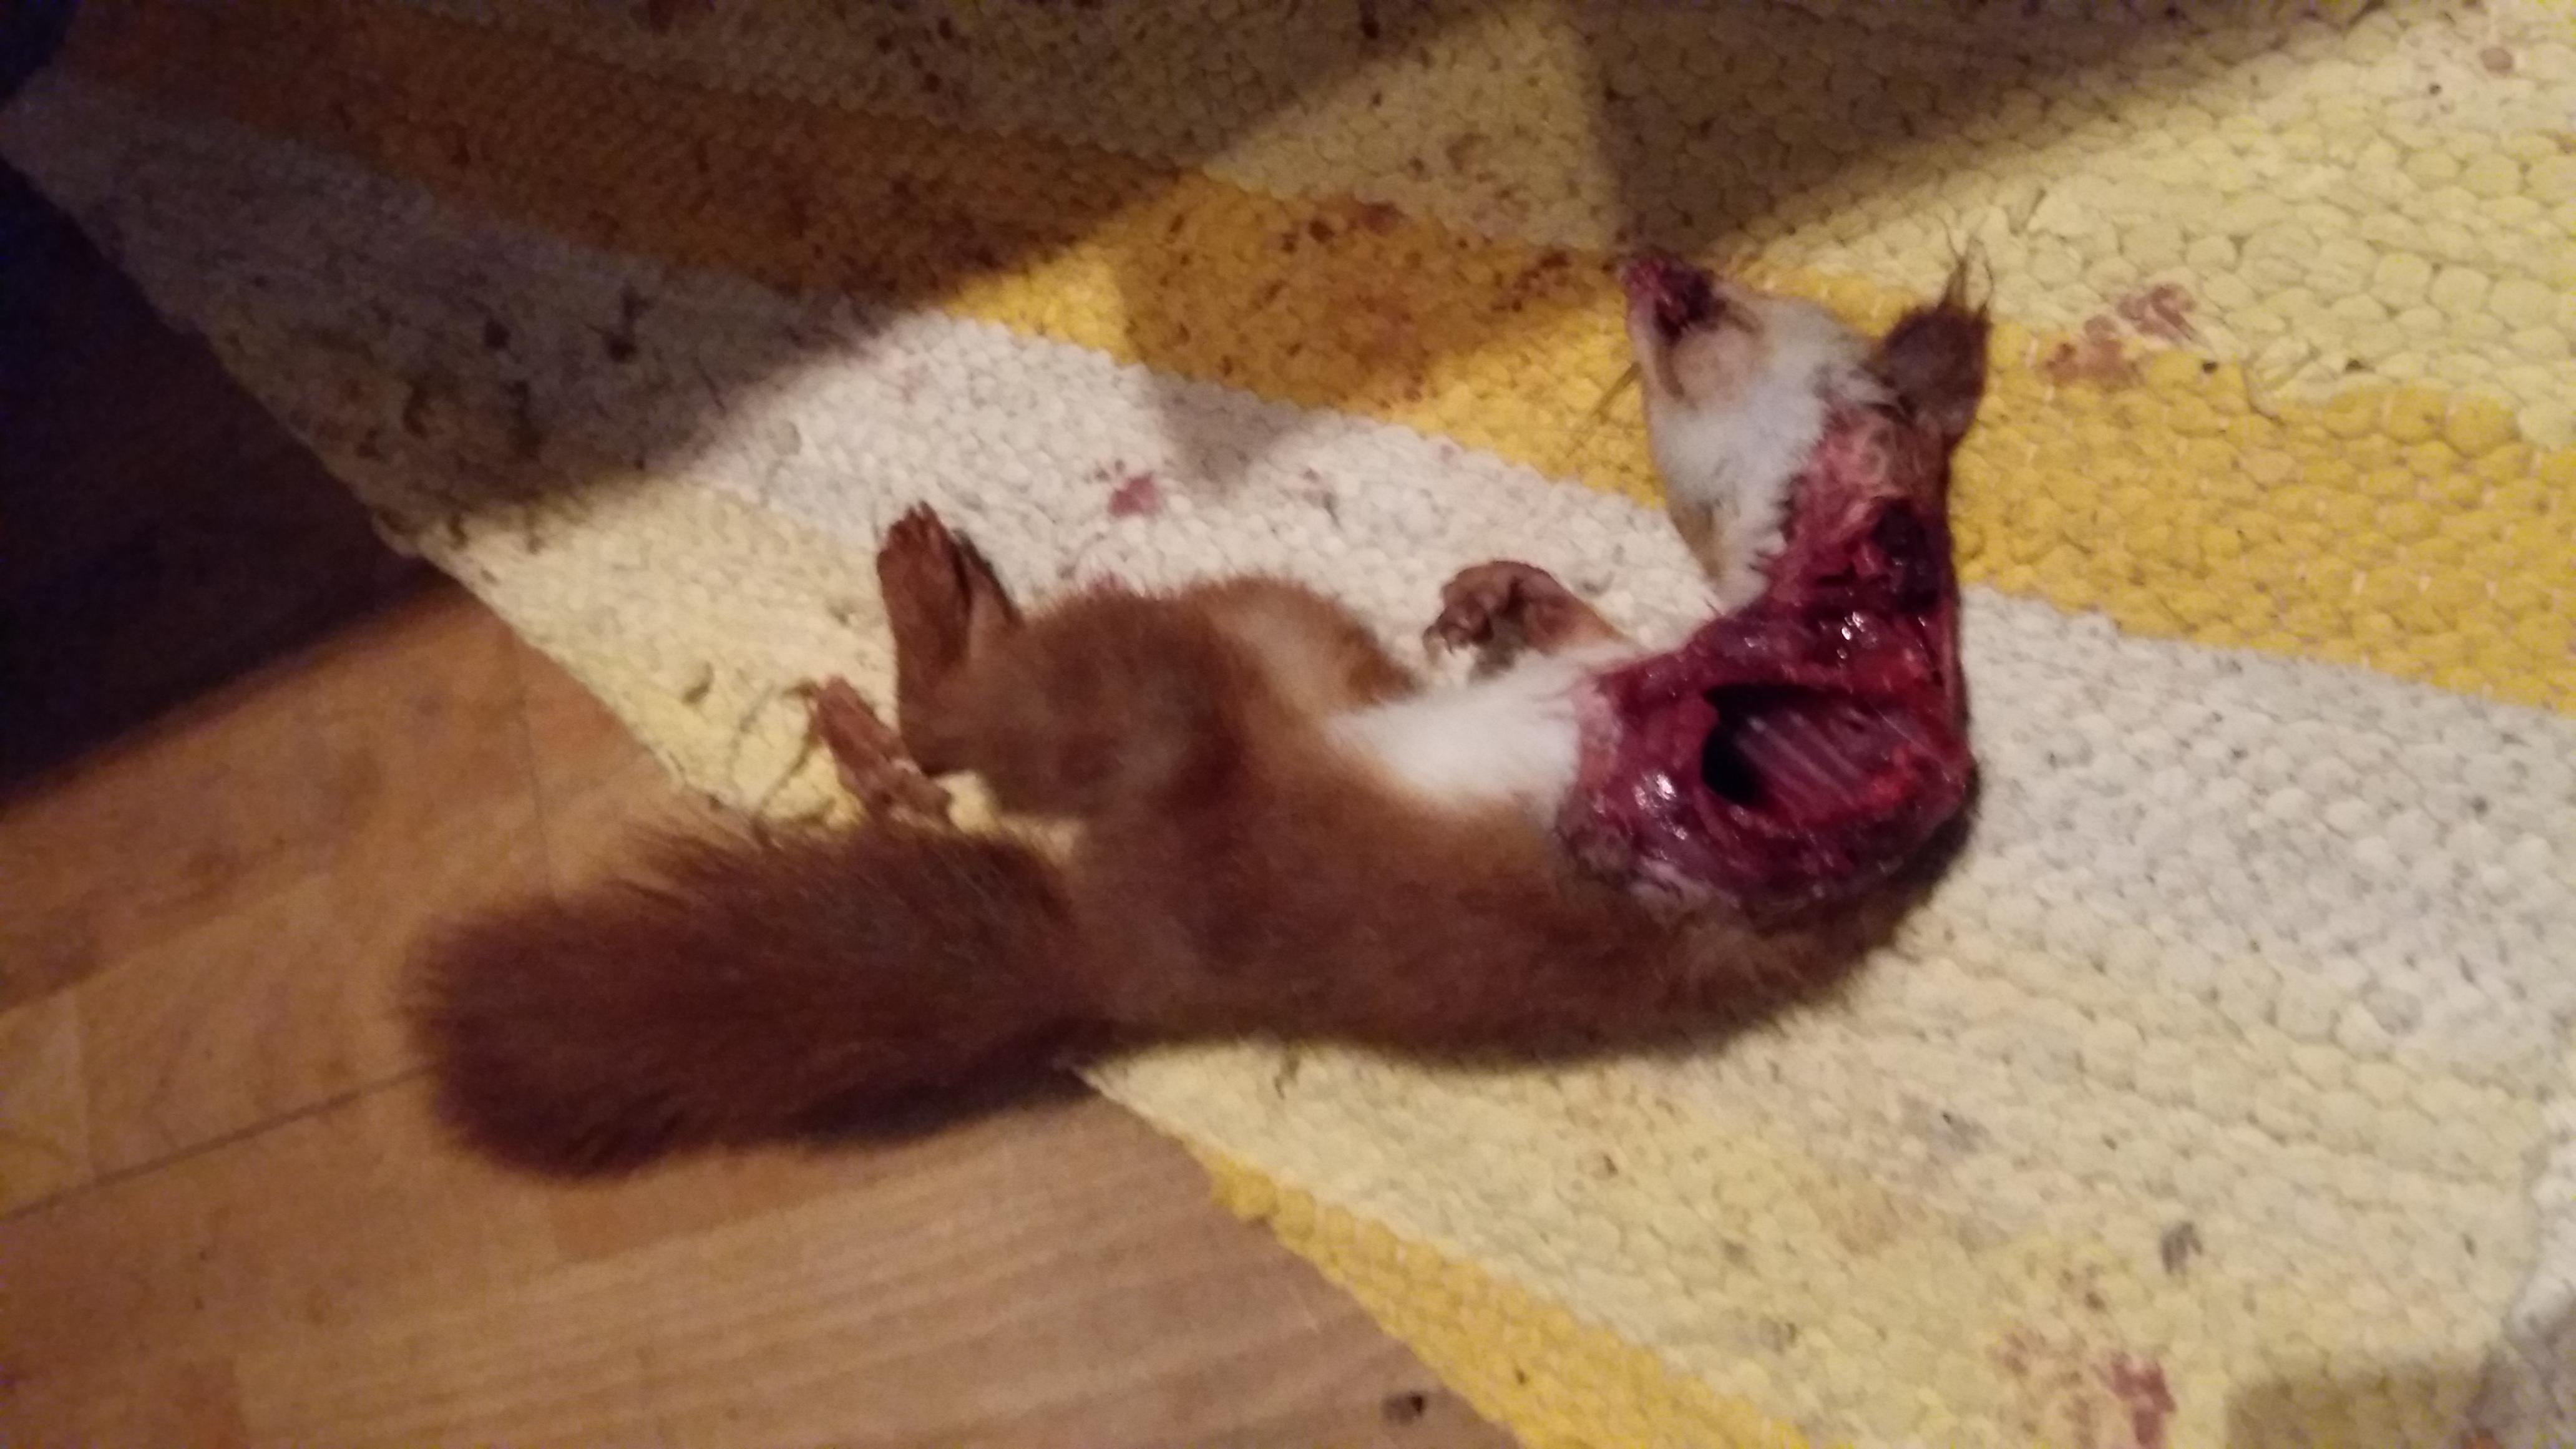 Katze tötet Eichhörnchen? (Haustiere, Tod)